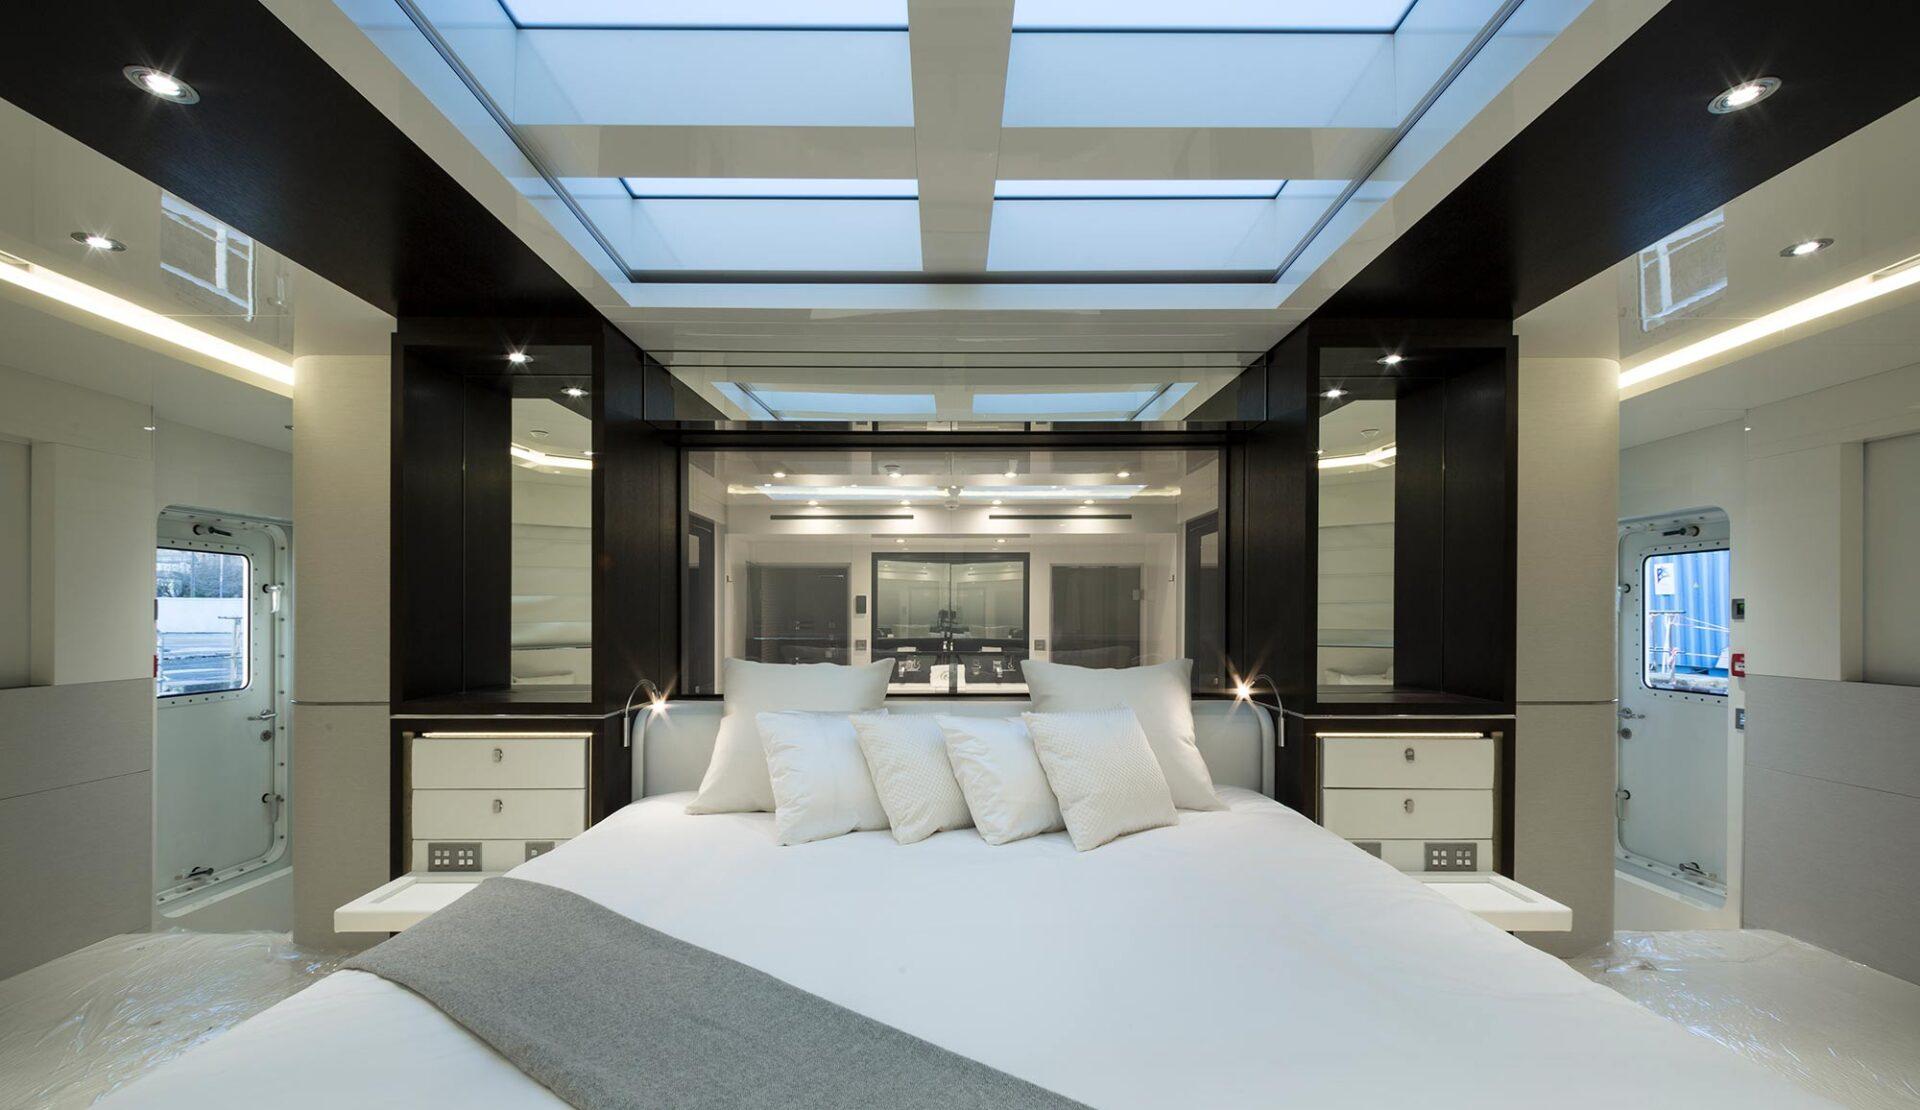 Enigma XK interior design